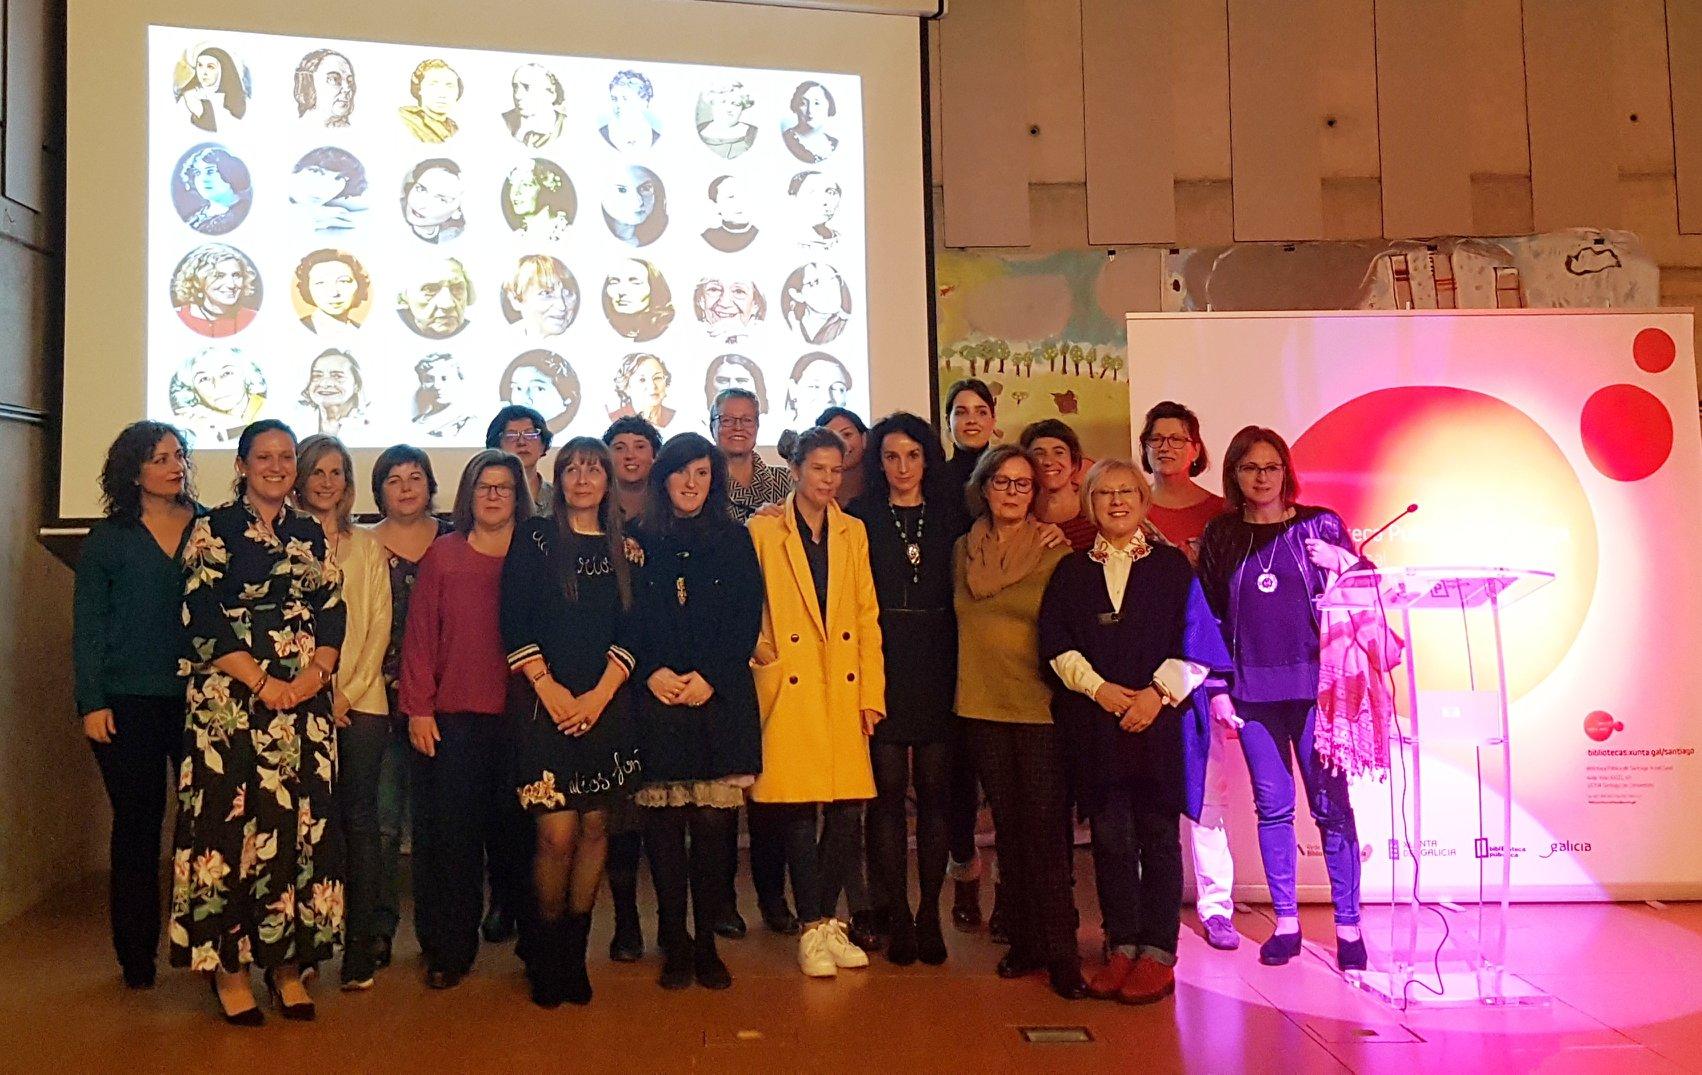 2018. Asociación Cultural Lisístrata de A Coruña